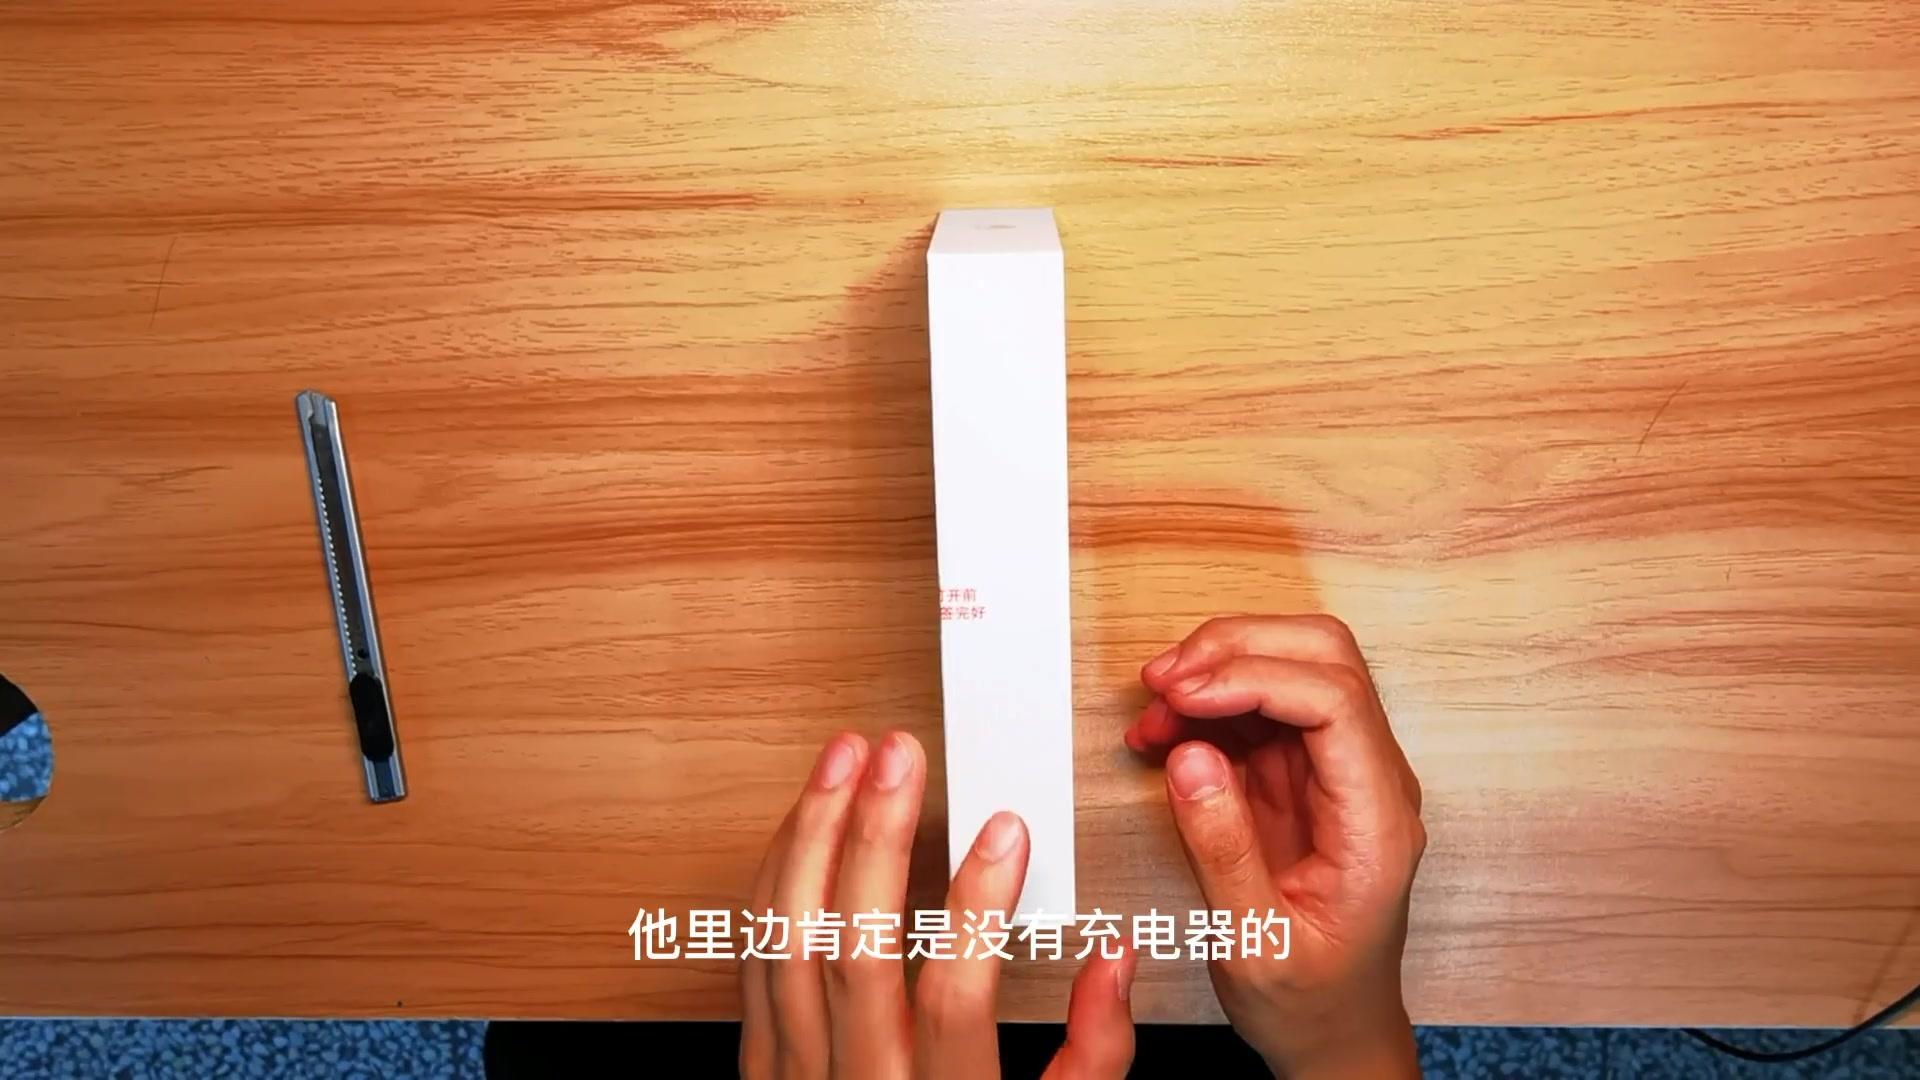 颜色喜人nova9 pro!走!国庆出门拍vlog去!,华为nova 9系列-花粉俱乐部